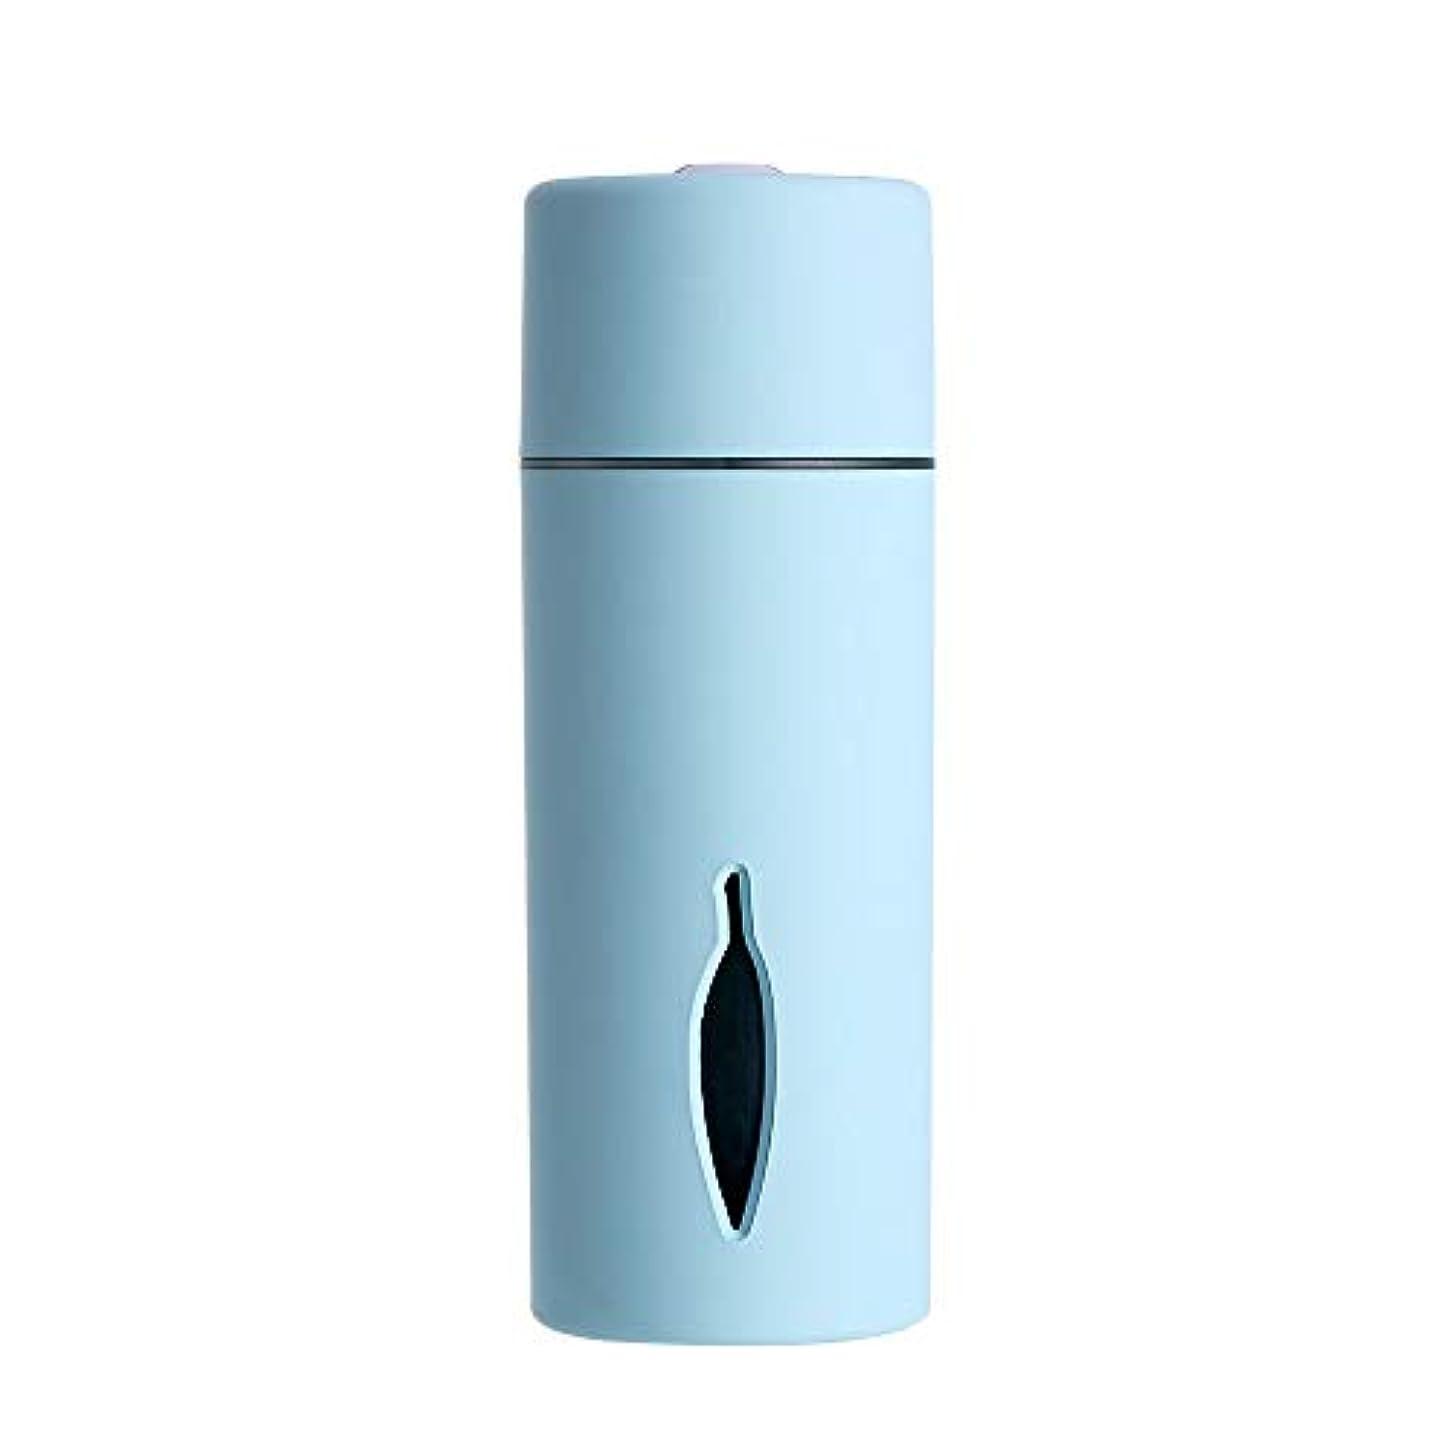 大使山岳補正ZXF クリエイティブ新しいカラフルな夜の光の葉加湿器usb車のミニホームスプレー楽器水道メーターブルーセクションピンク 滑らかである (色 : Blue)